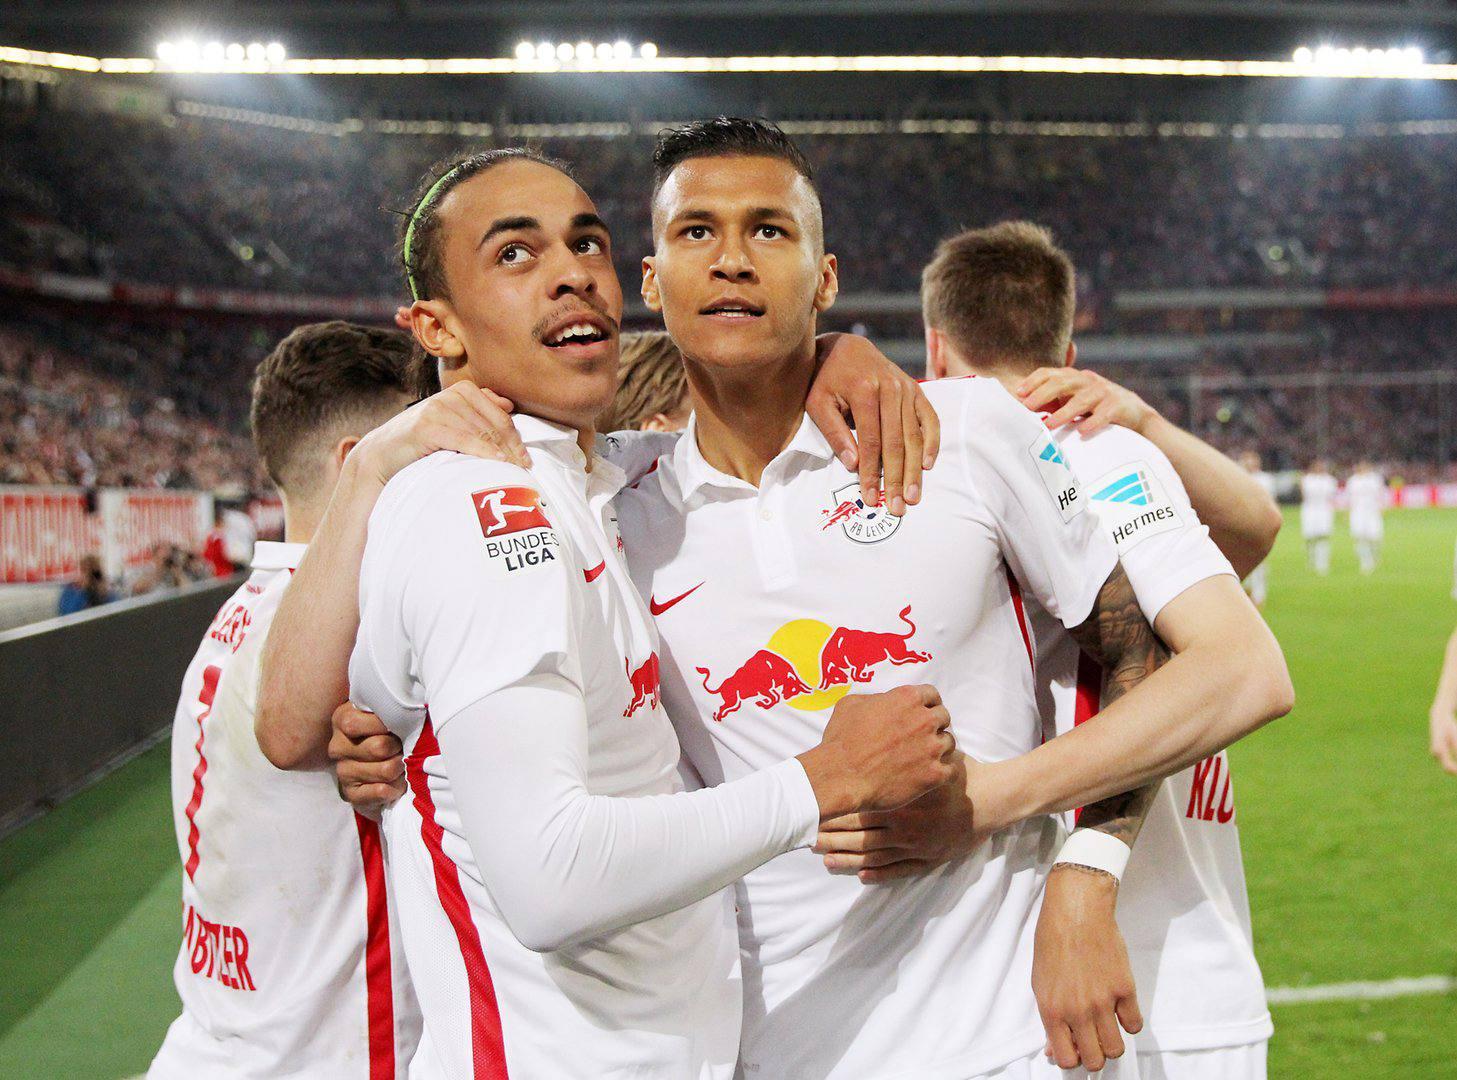 Augsburg Leipzig Maçı İddaa Tahmini 19.09.2017